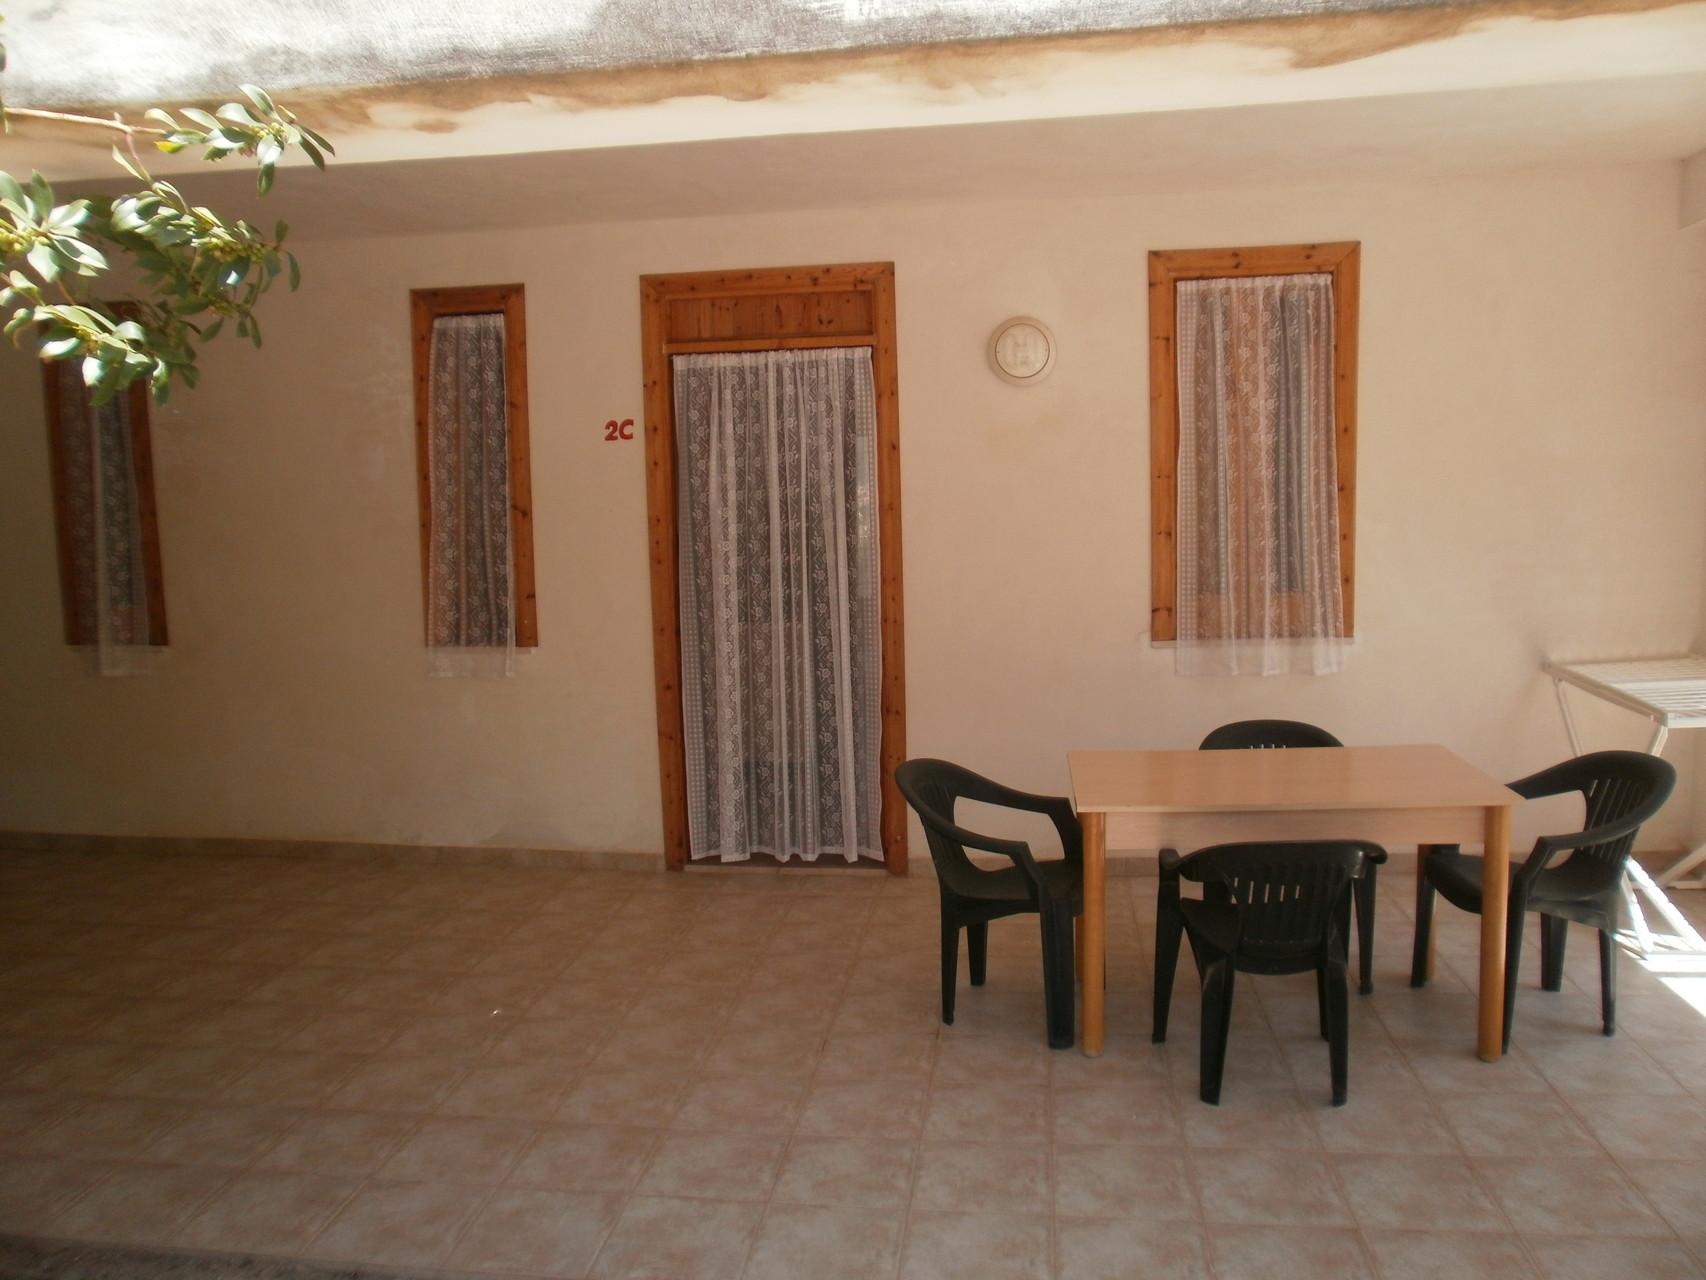 Villaggio Gallo a Vieste: interni degli apparttamenti